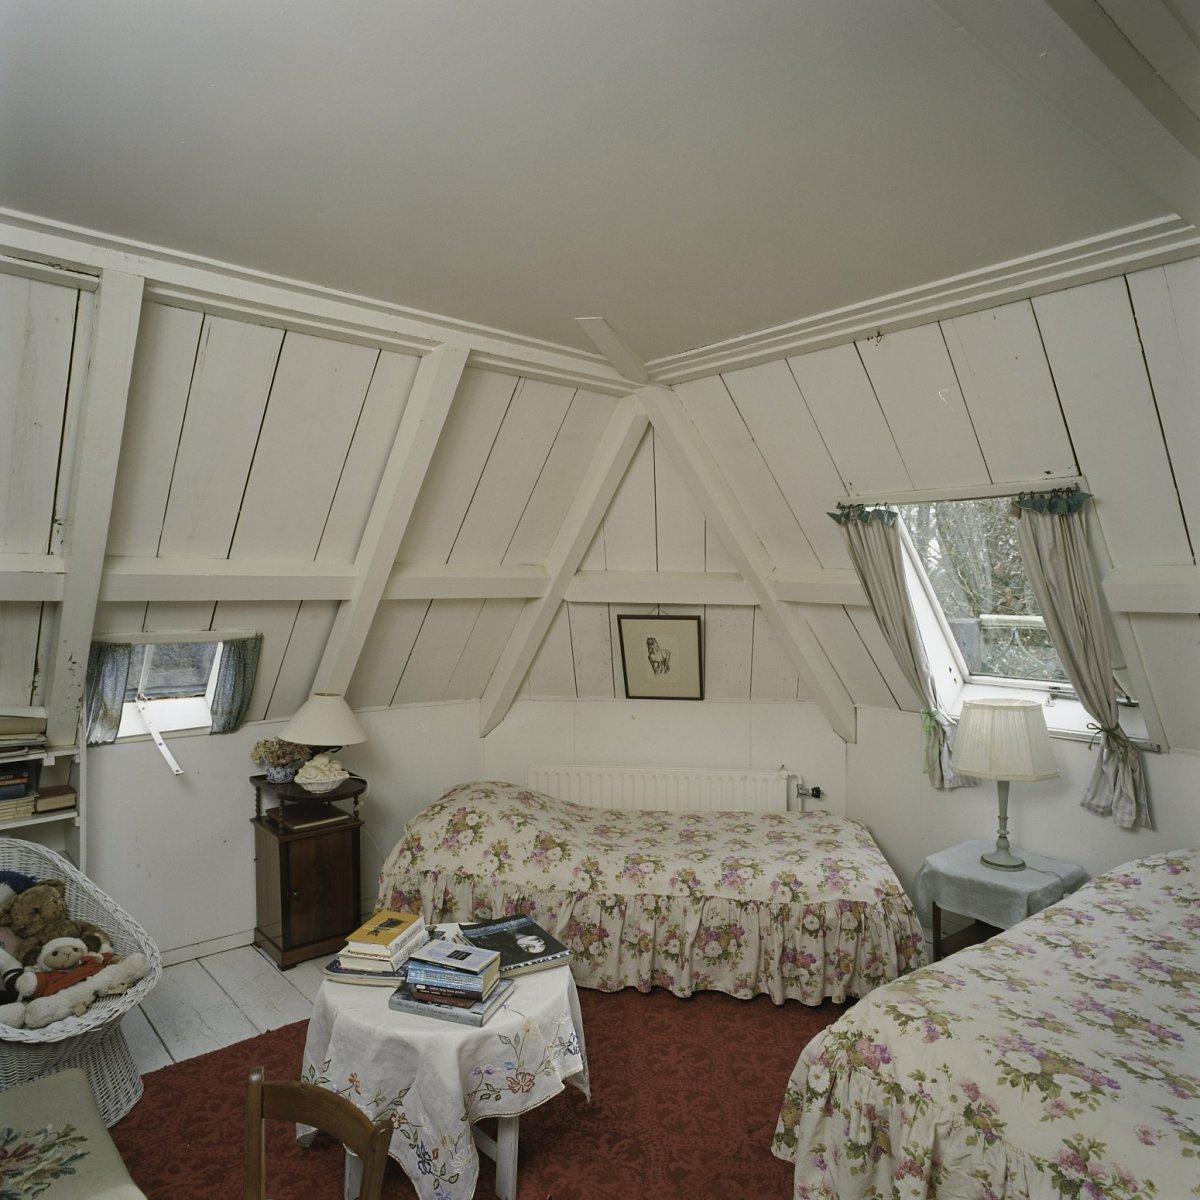 File interieur overzicht van de slaapkamer op de zolder sint nicolaasga 20397678 for Slaapkamer op de zolderfotos